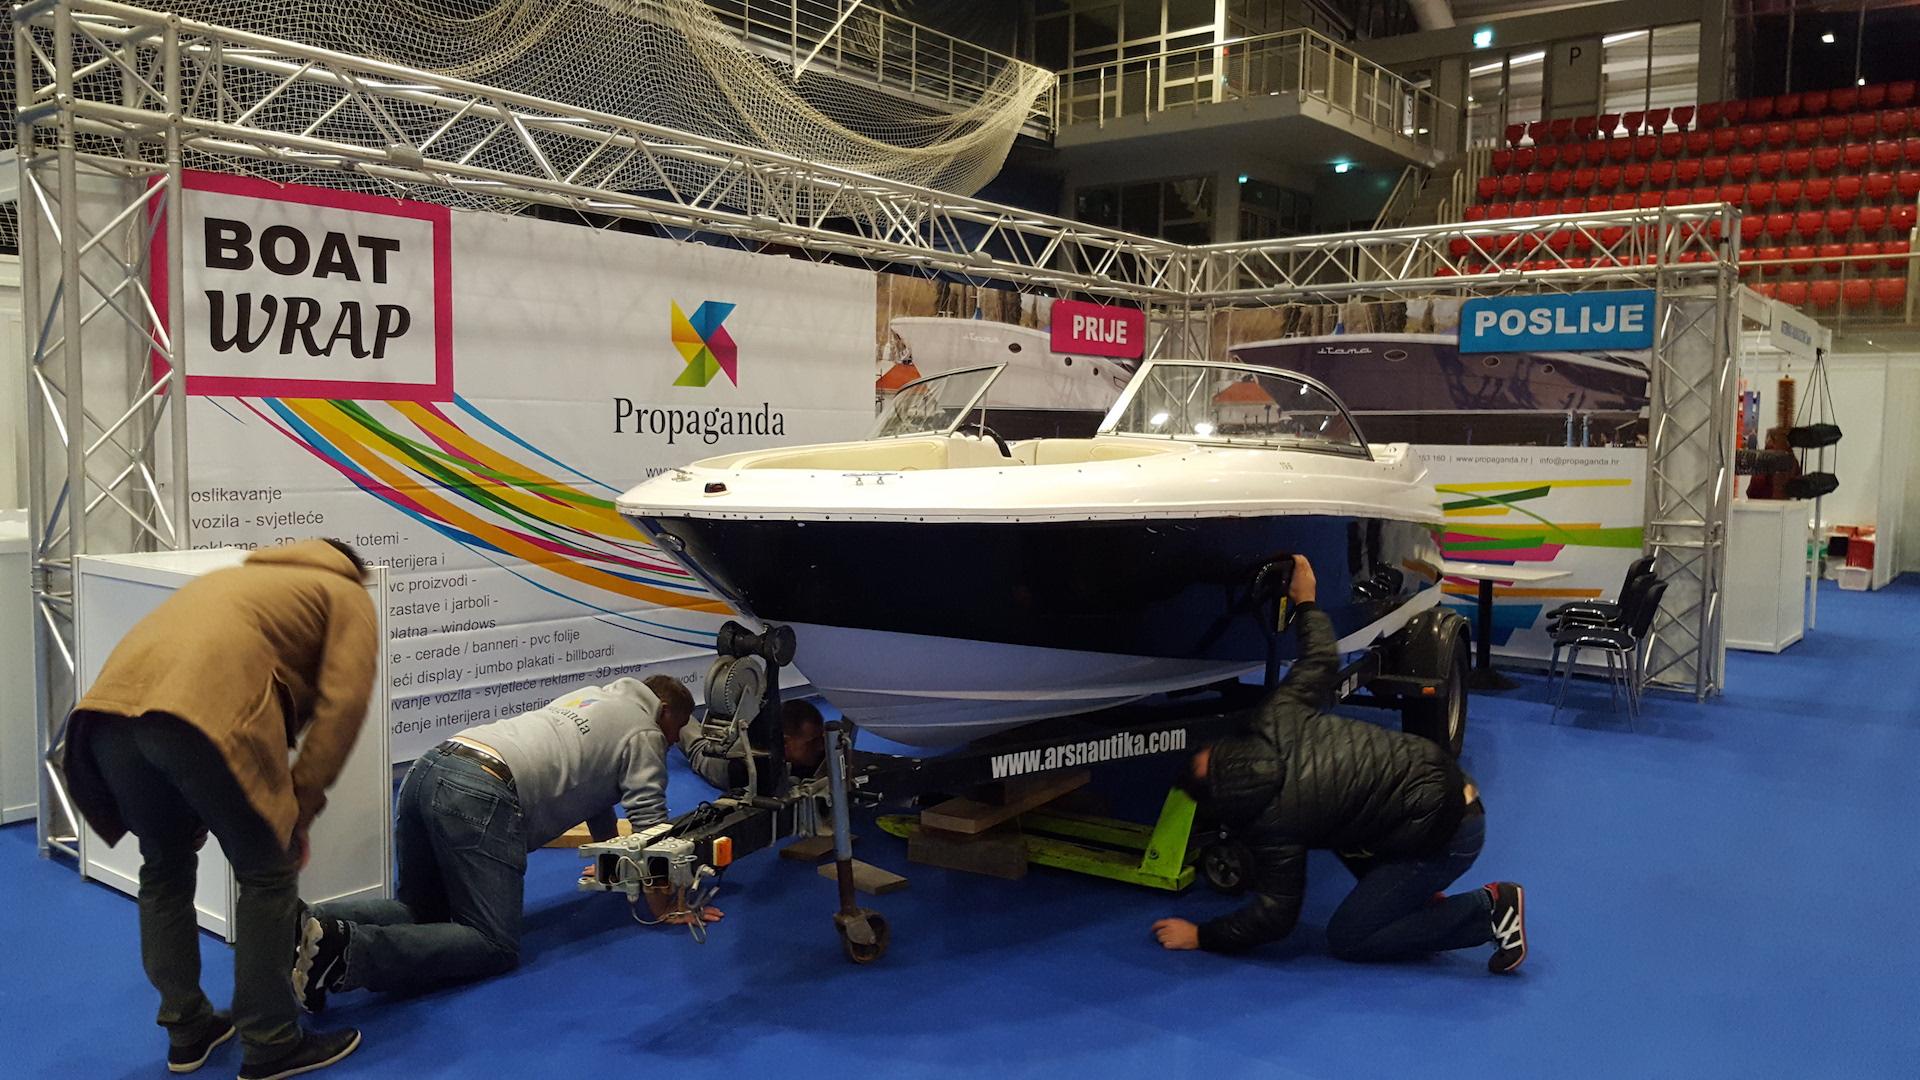 boat-wrap-wrapping-oslikavanje-brodova-pozicioniranje-broda-na-standu